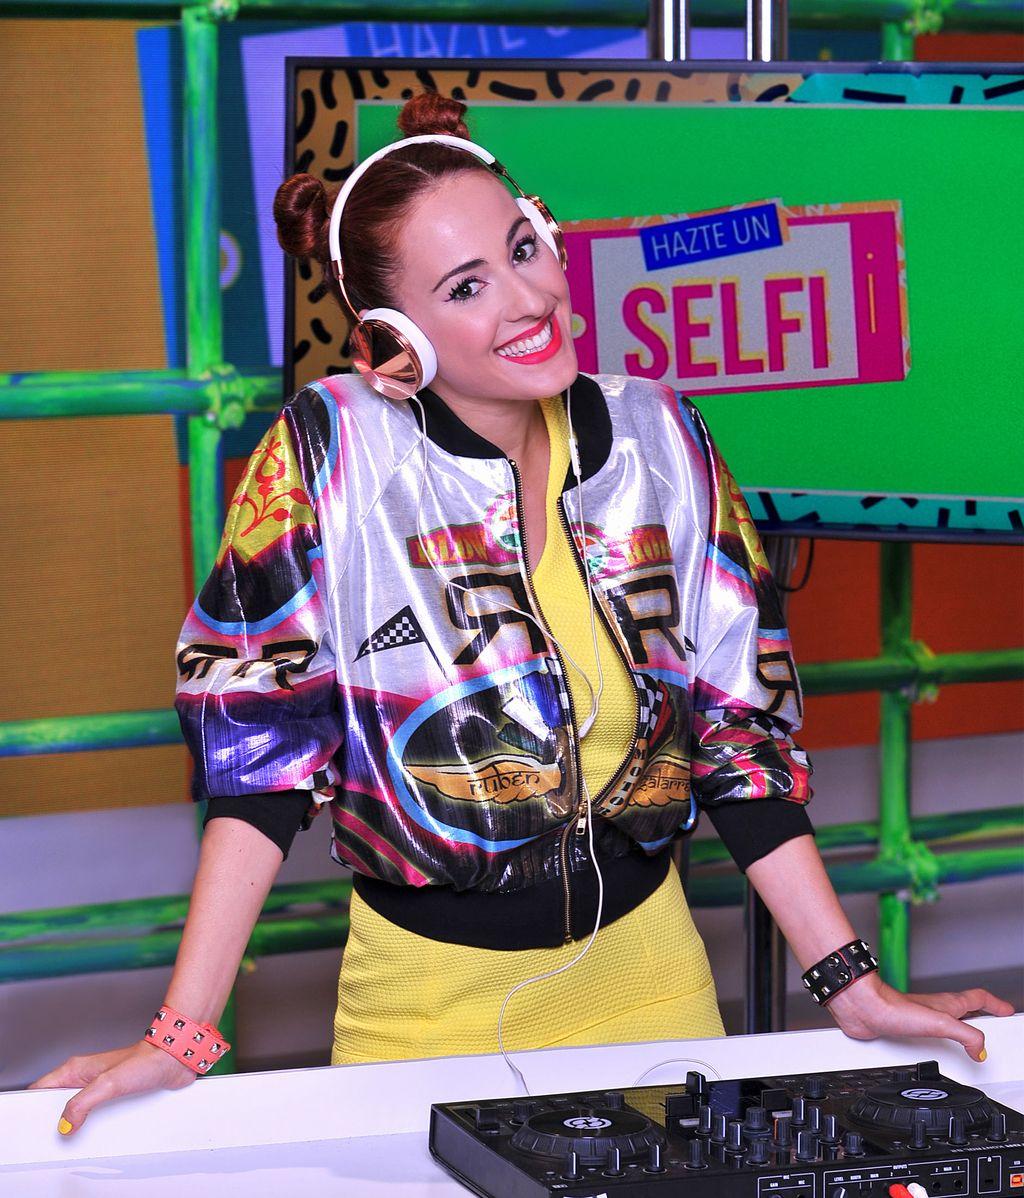 DJ Pitty Bernad Hazte un selfi